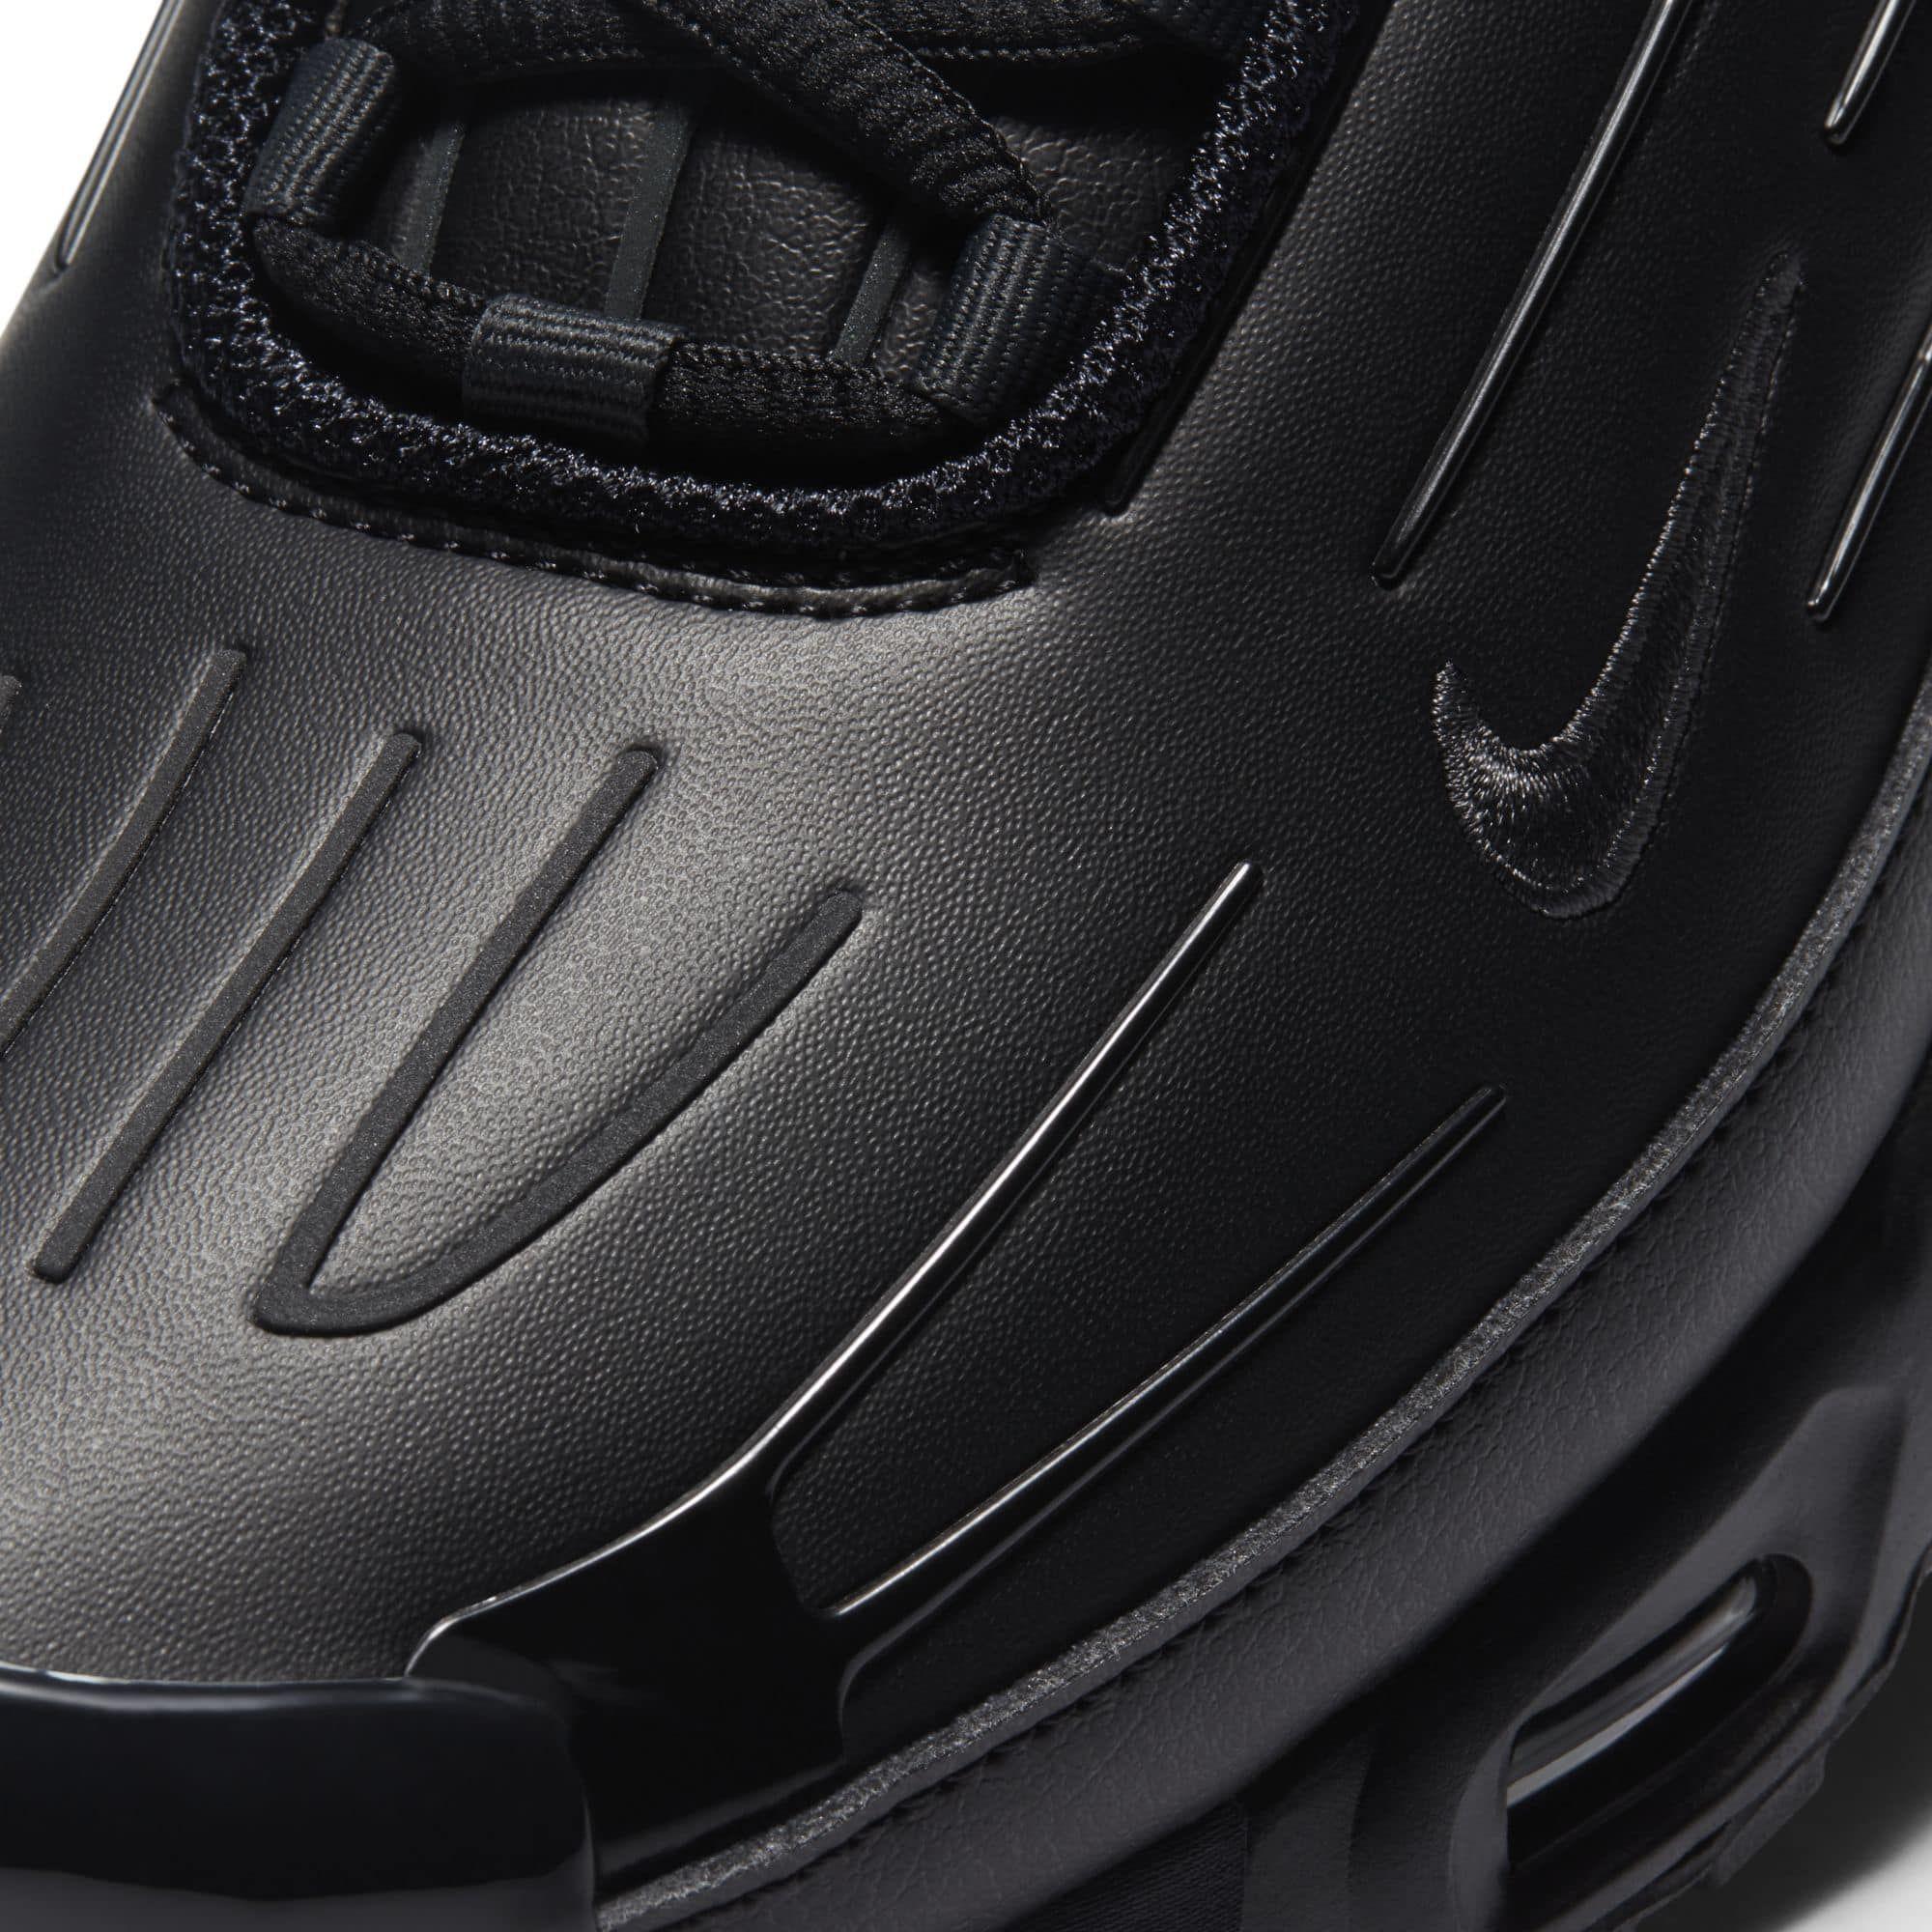 air max plus leather black